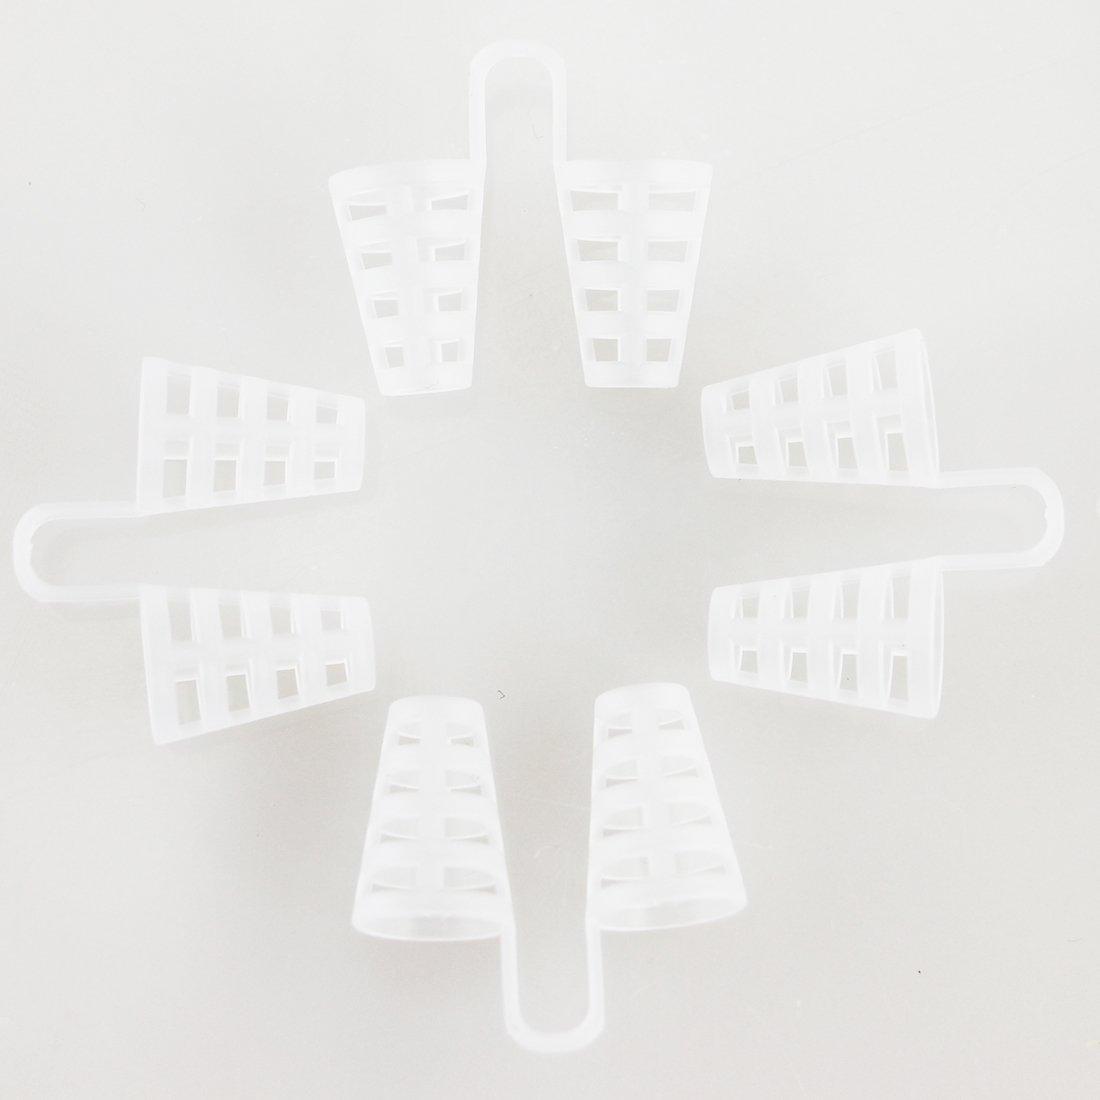 4 antirronquidos dilatadores nasales contra el ronquido molesto, ronquido tapón anti ronquido tapón contra el ronquido, ronquidos - con almacenamiento ...